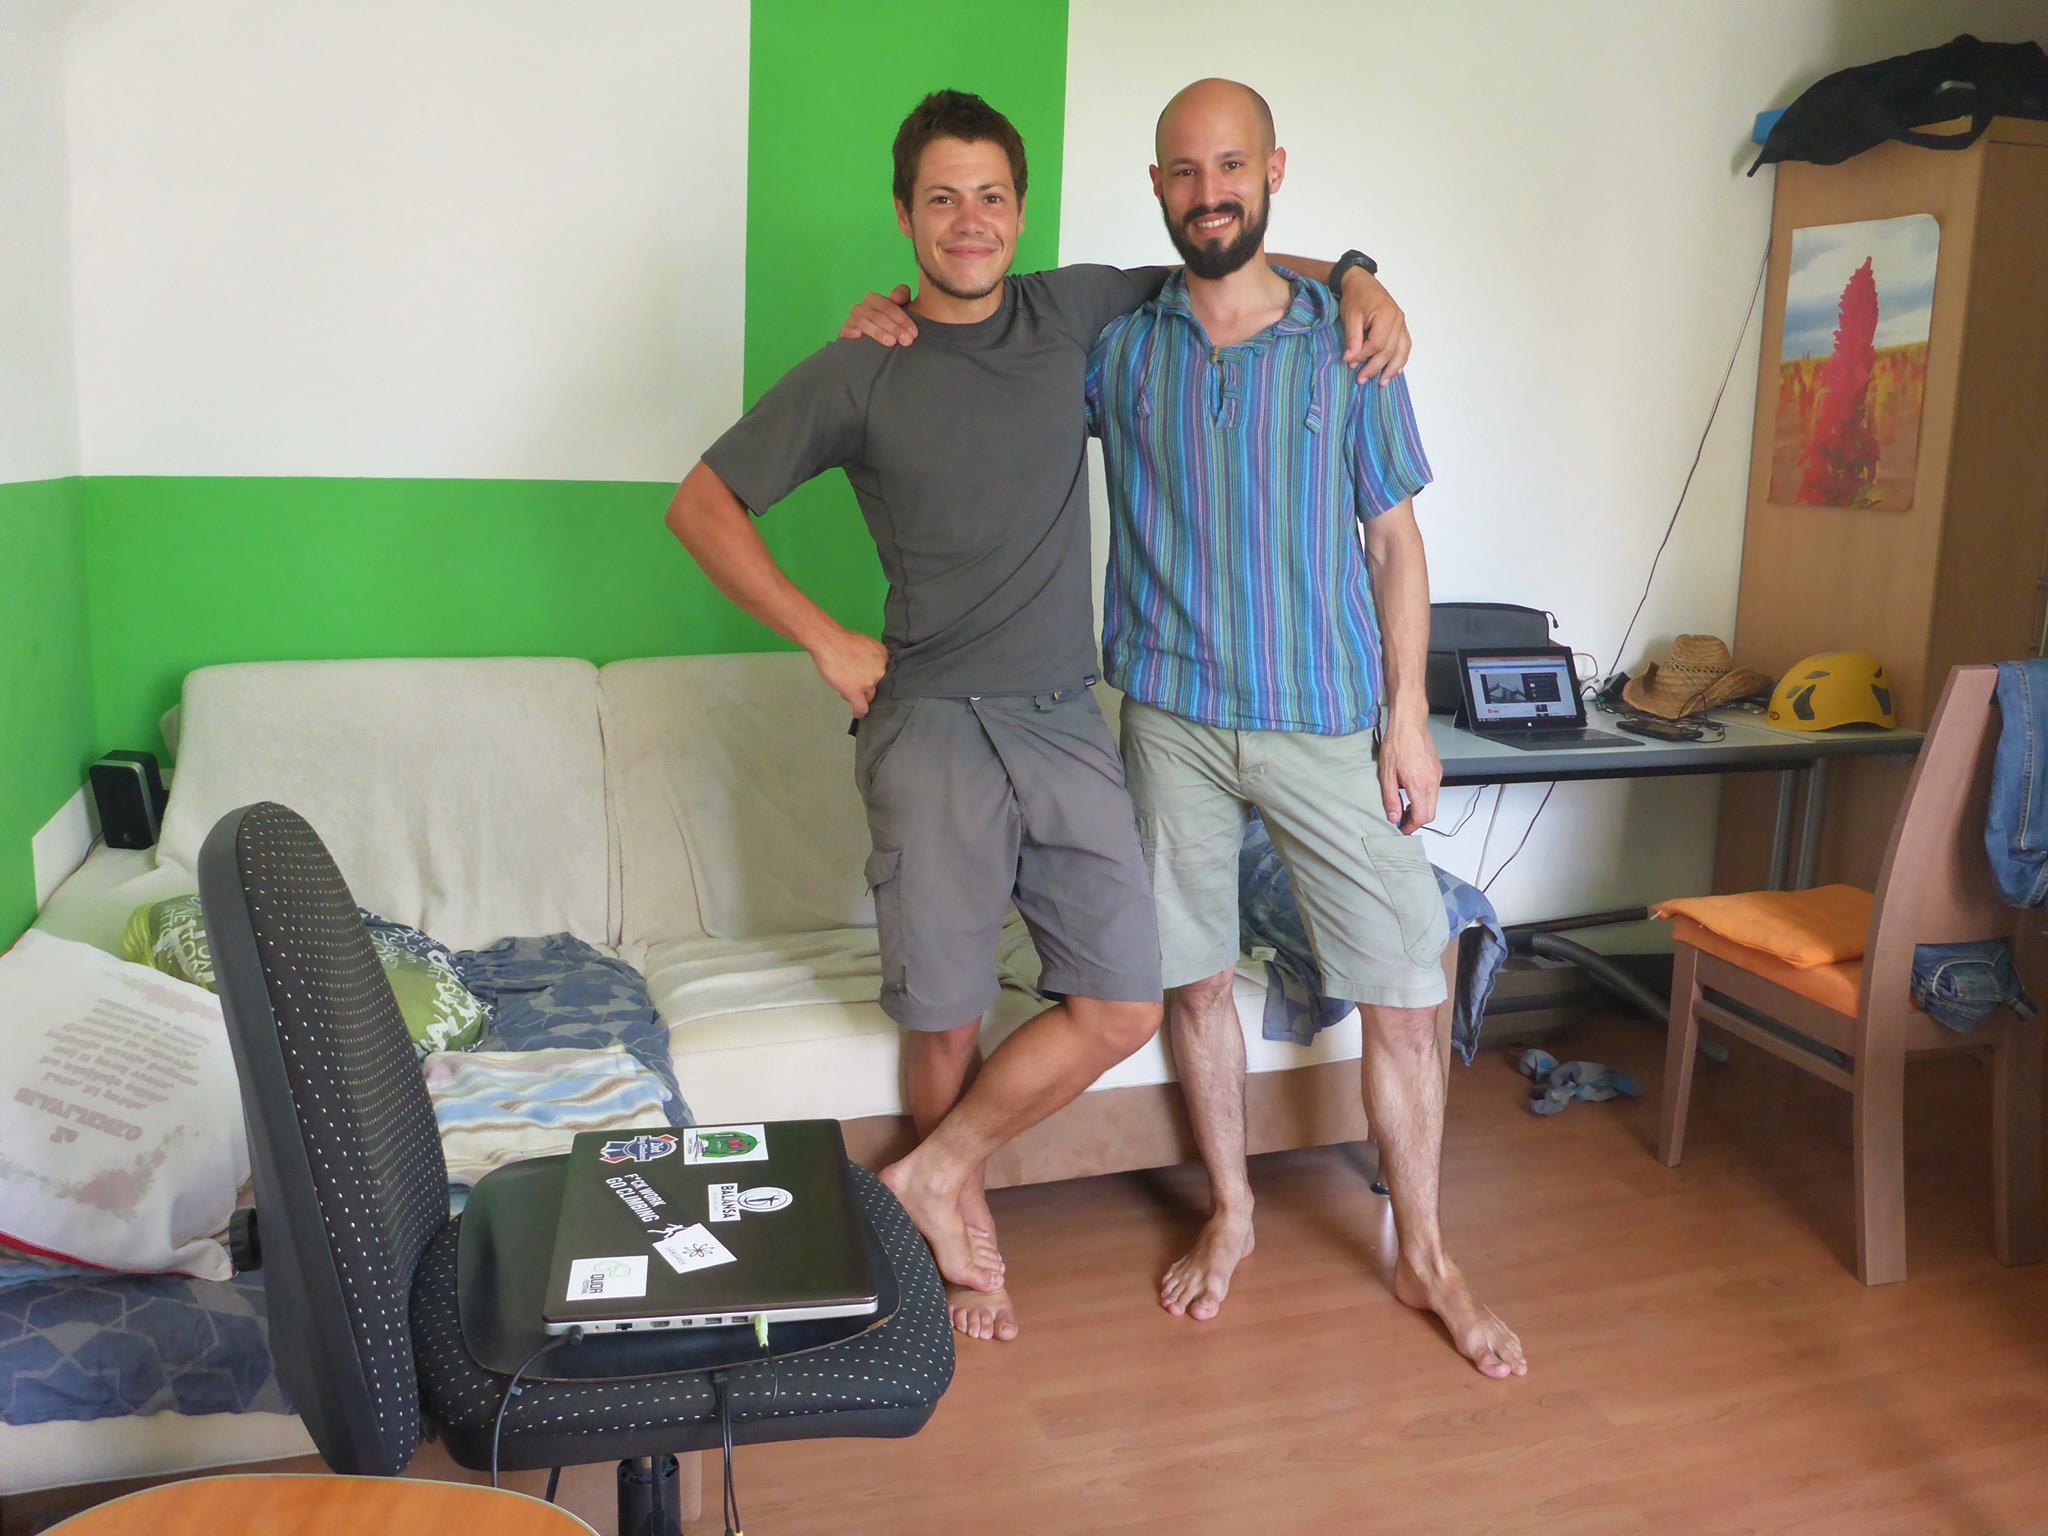 Je rencontre Miha par le site couchsurfing, qui devient par la suite un véritable ami.